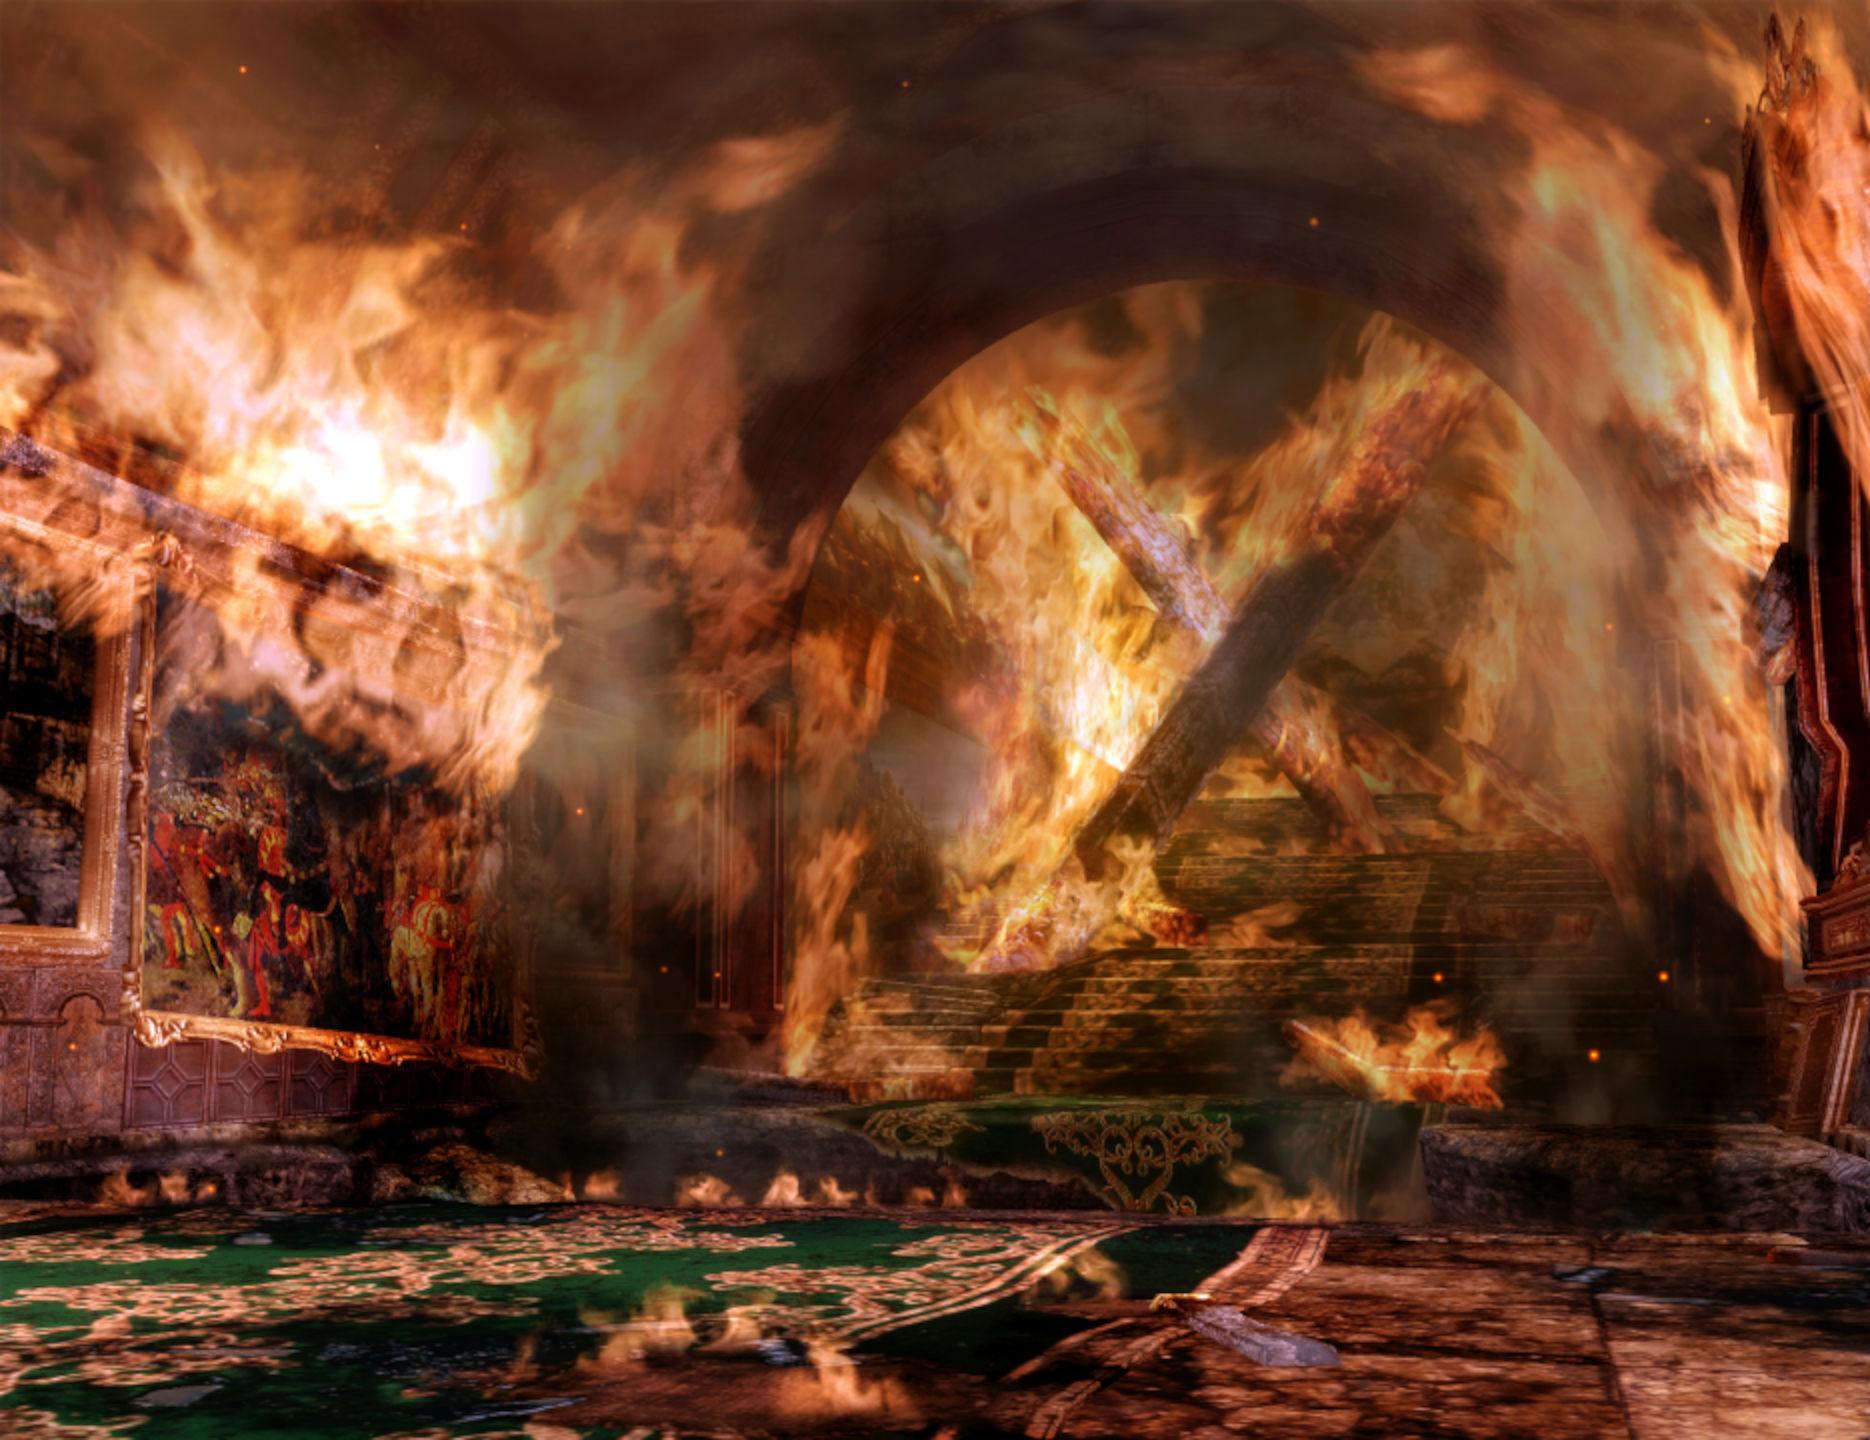 File:Burning Mansion.jpg